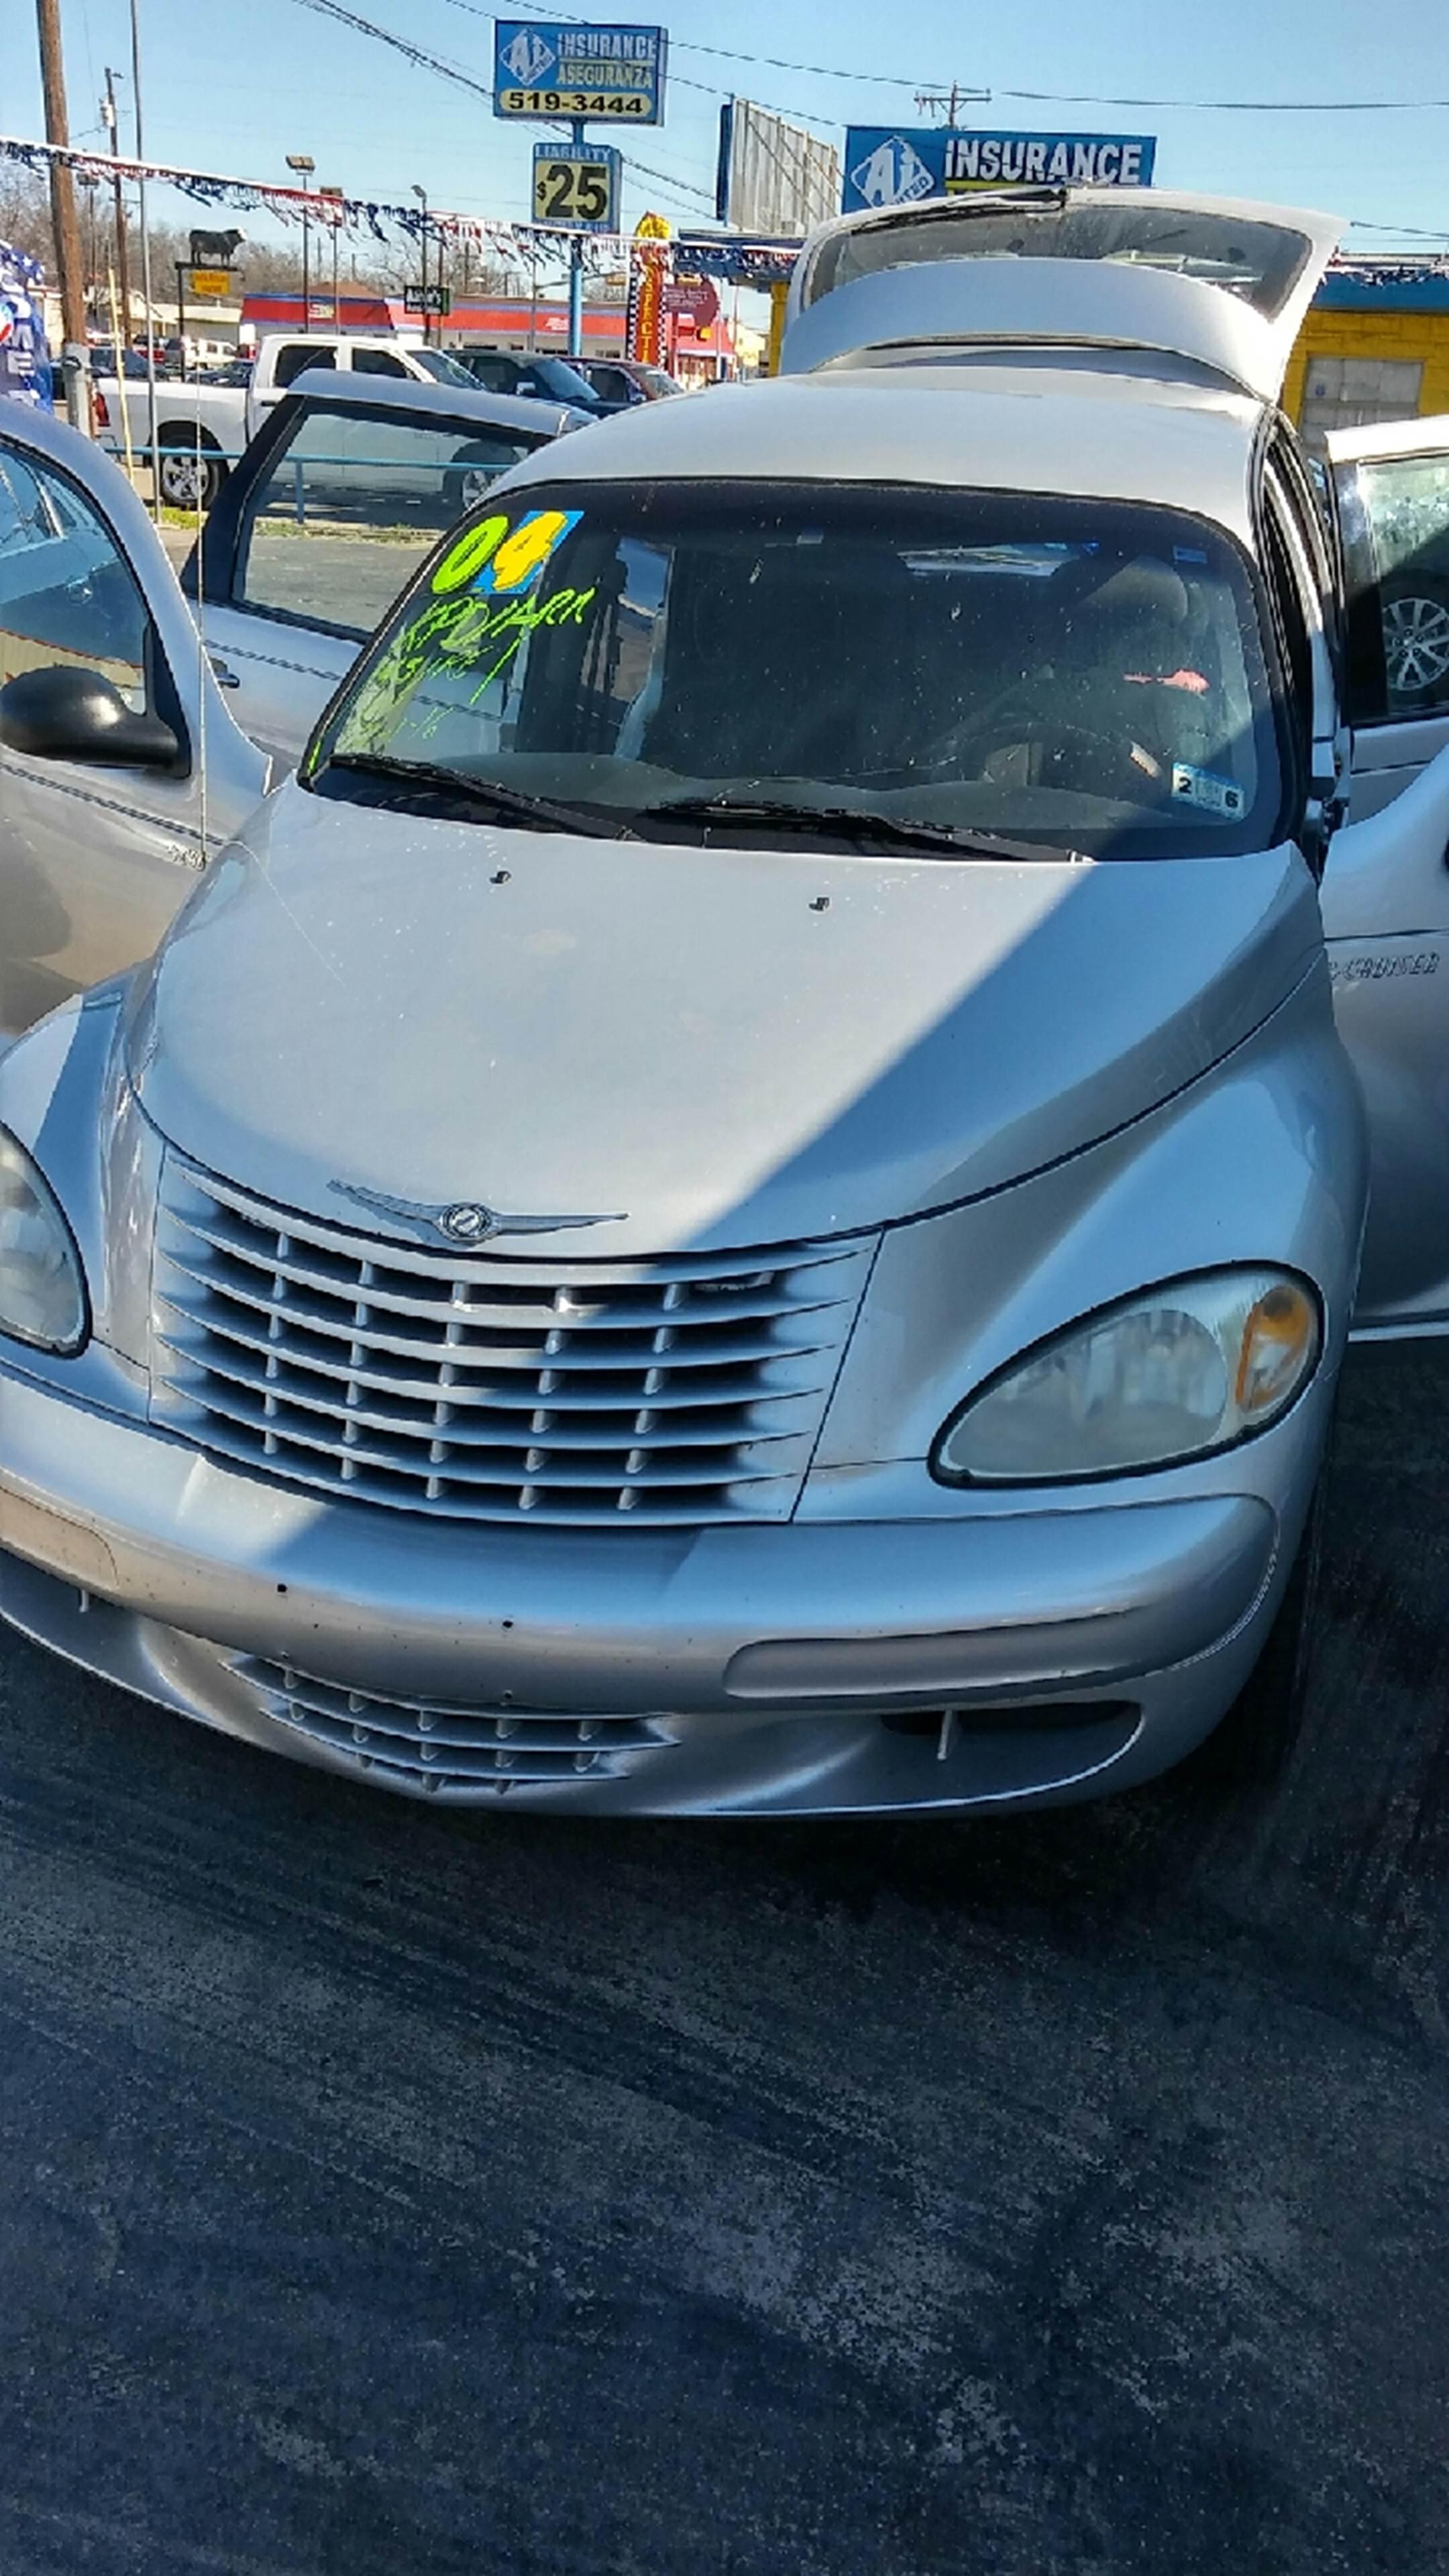 2004 Chrysler PT Cruiser for sale in Killeen, TX